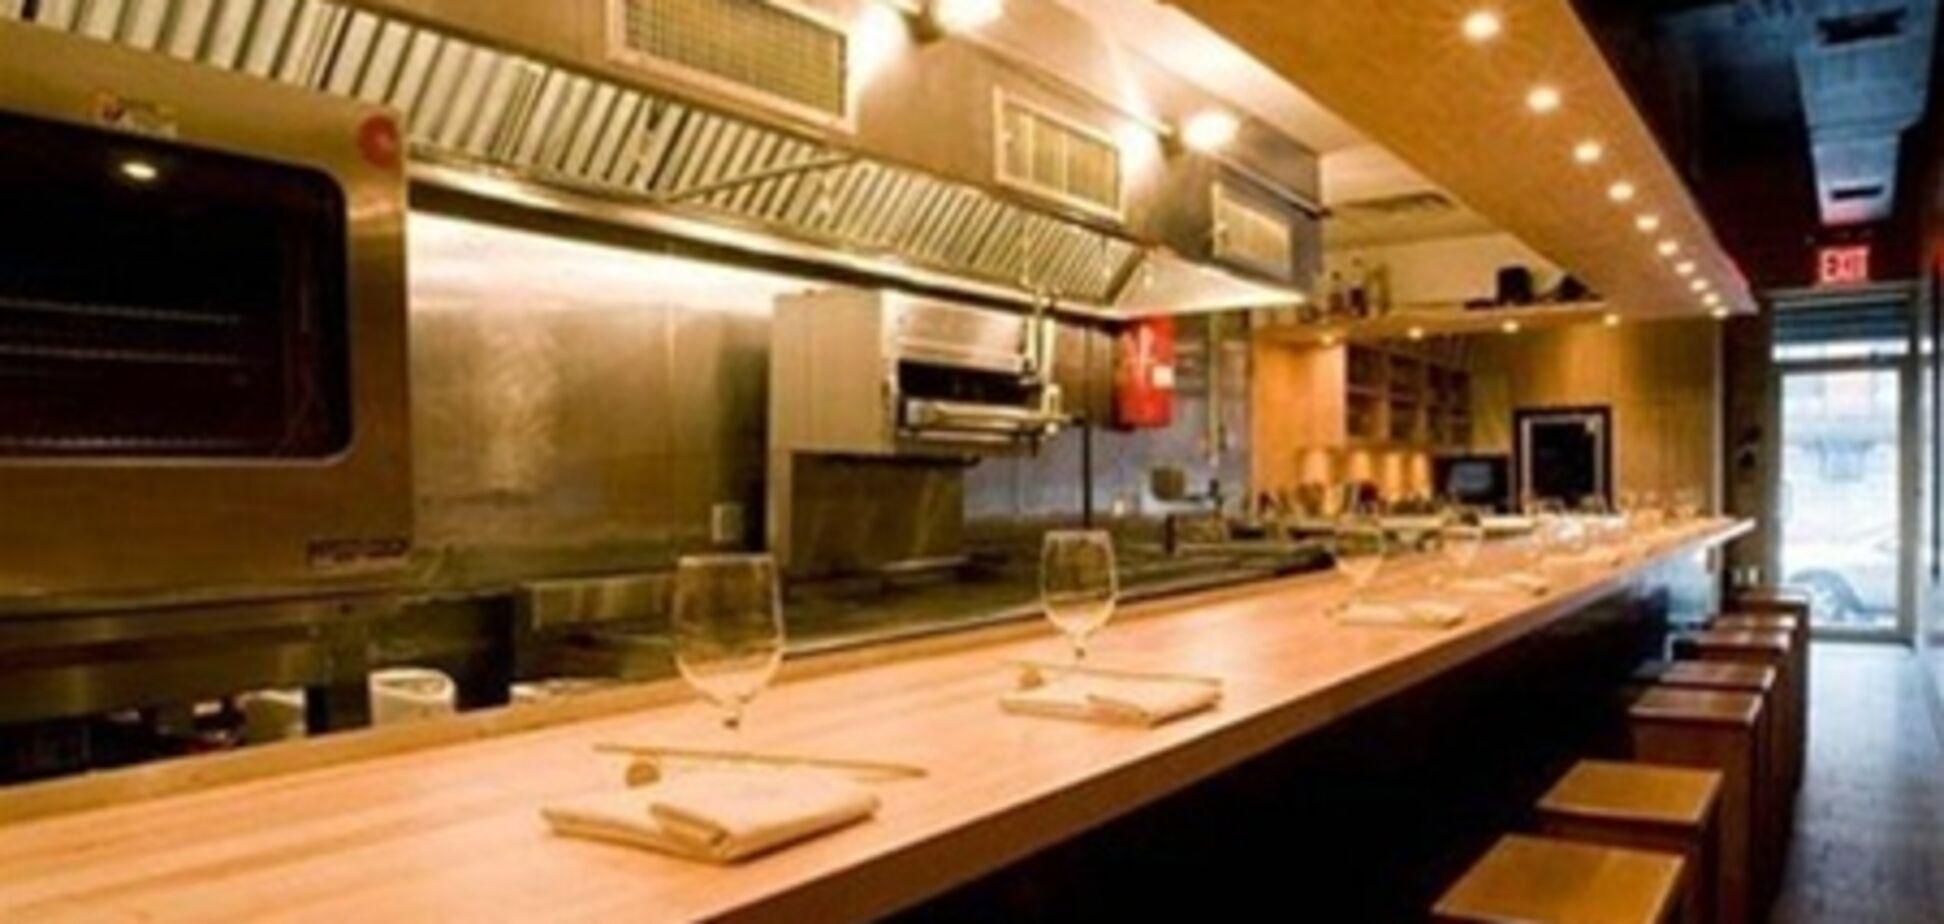 Американские рестораны хотят запретить 'инстаграмить' еду